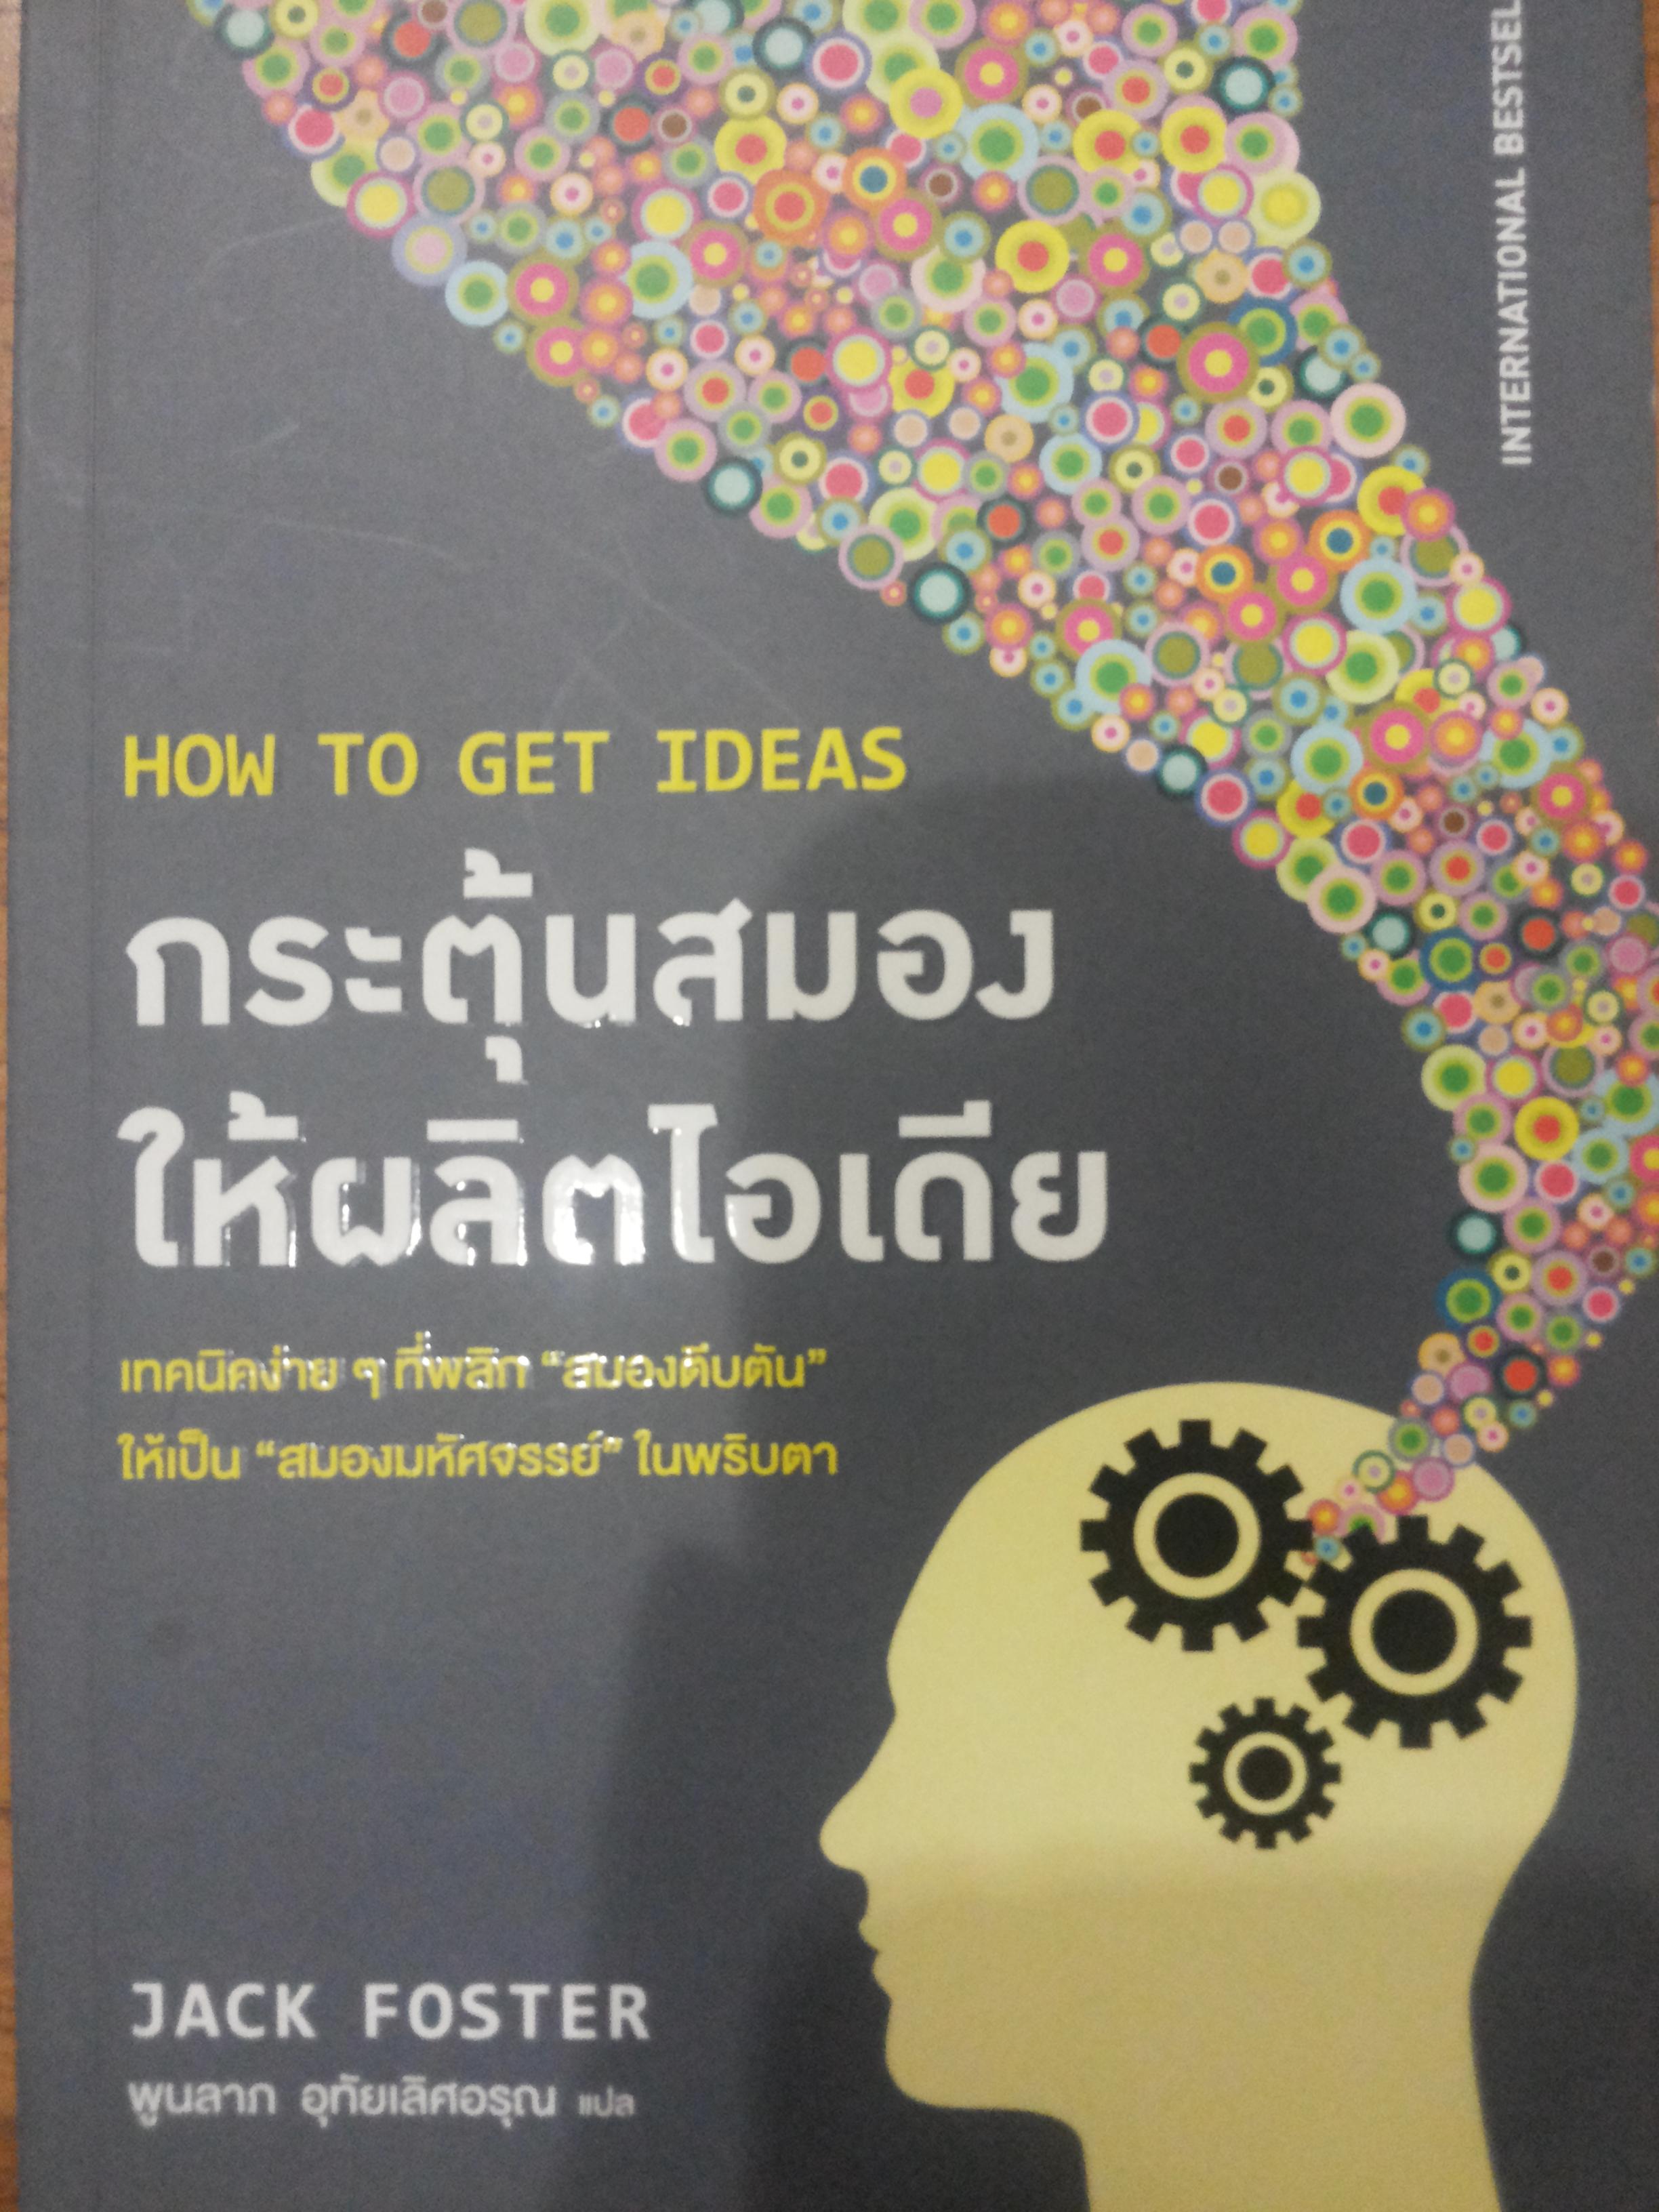 กระตุ้นสมองให้ผลิตไอเดีย